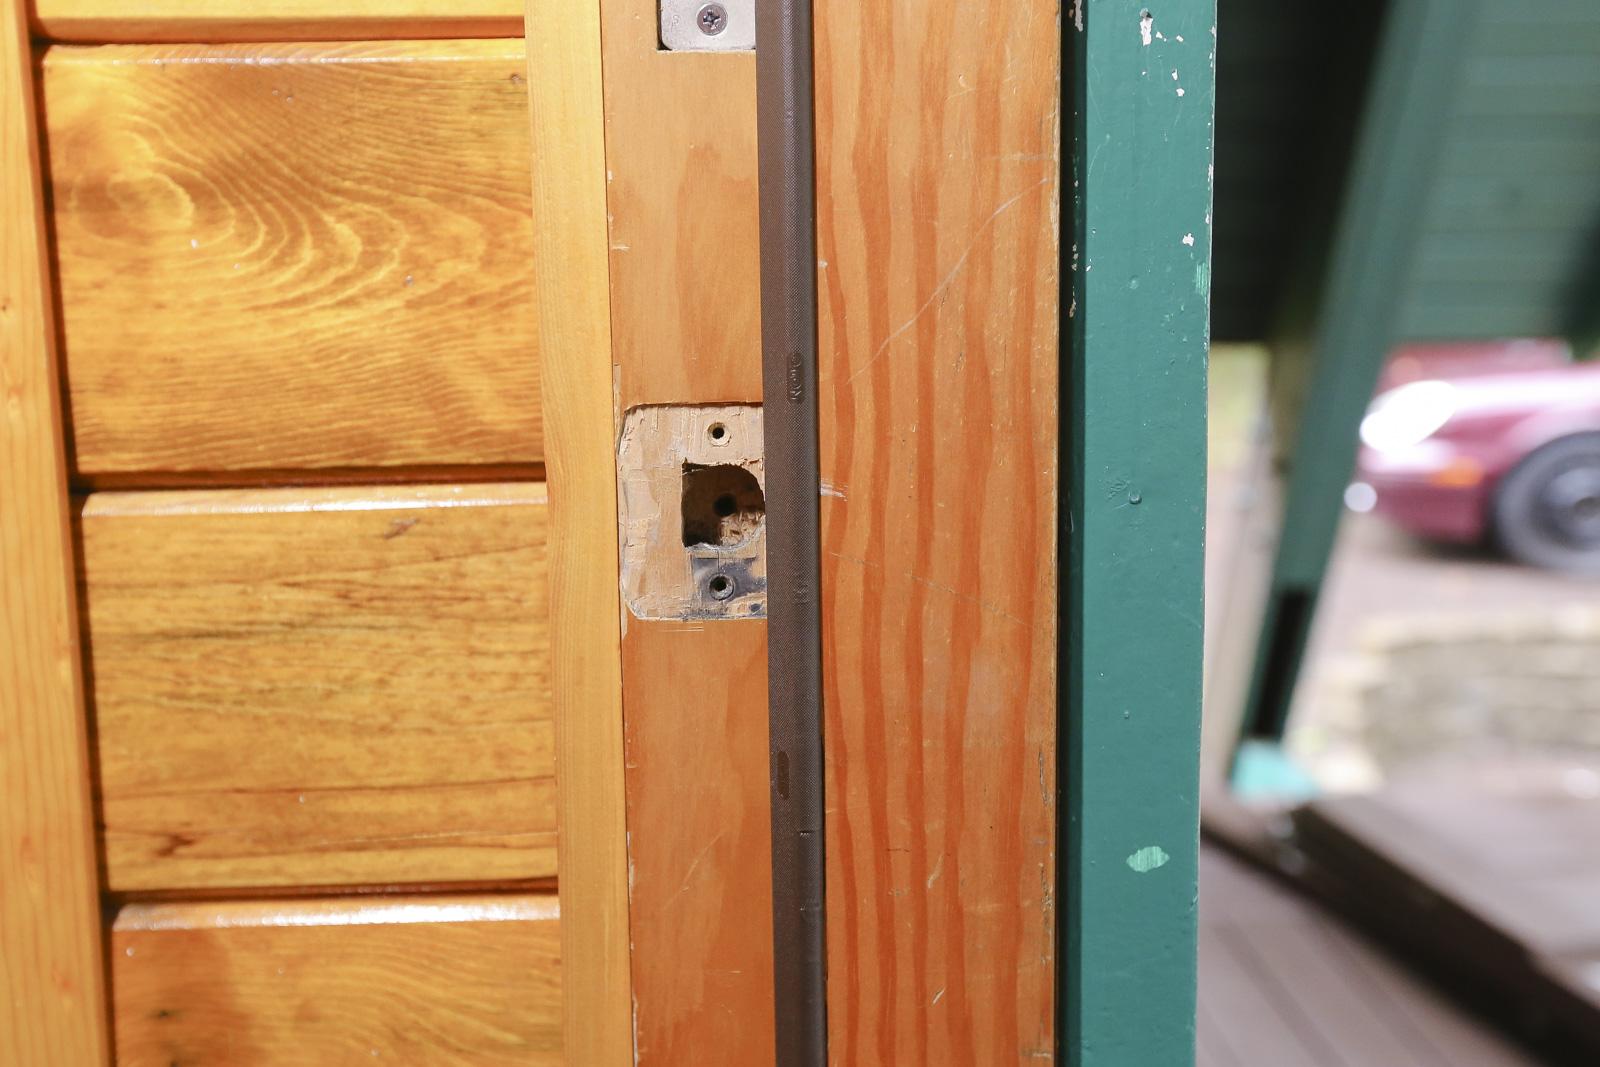 door strike plate removal